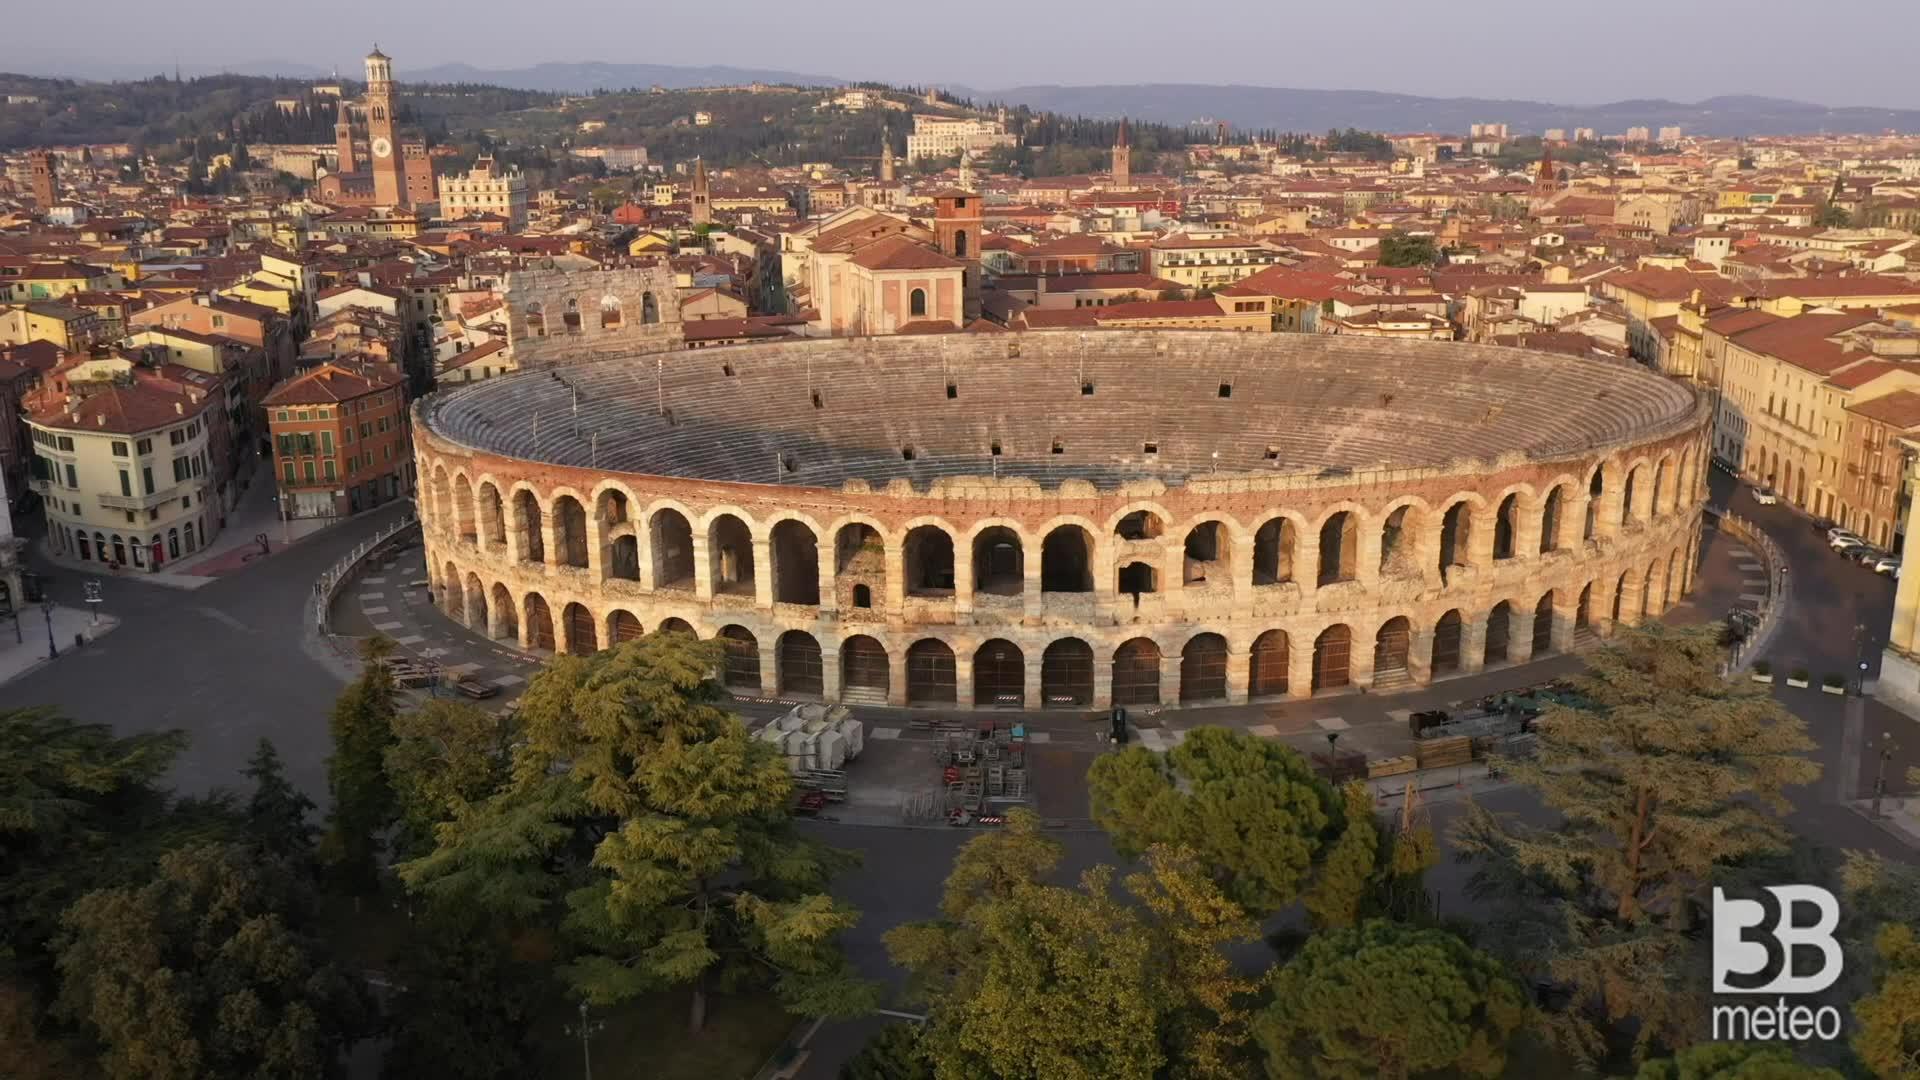 Verona deserta vista dal drone: la città al tramonto